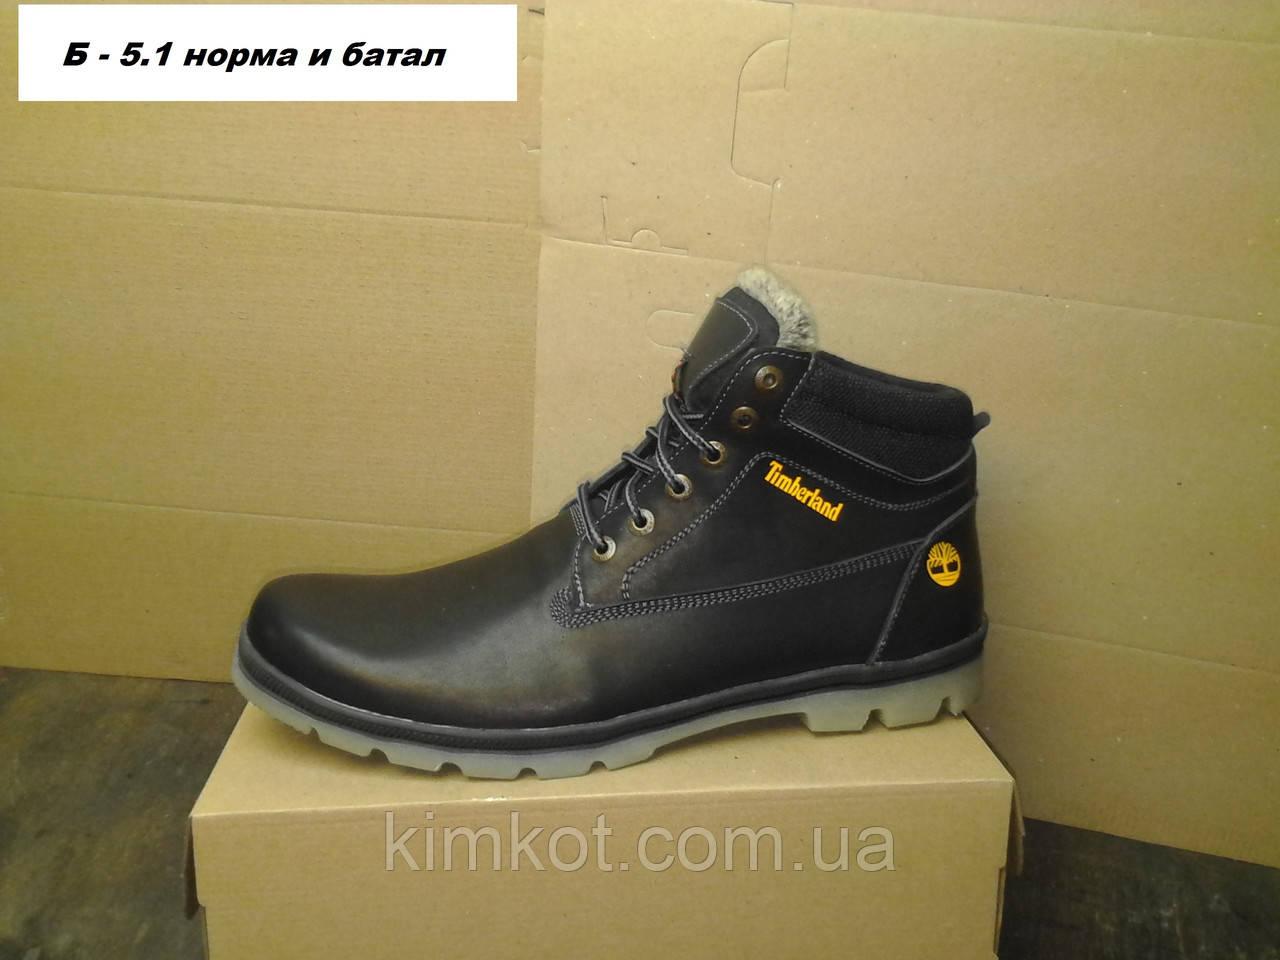 Мужские кожаные зимние ботинки Timberland батал 46-50 р-р - Интернет-Магазин a9903c5059a